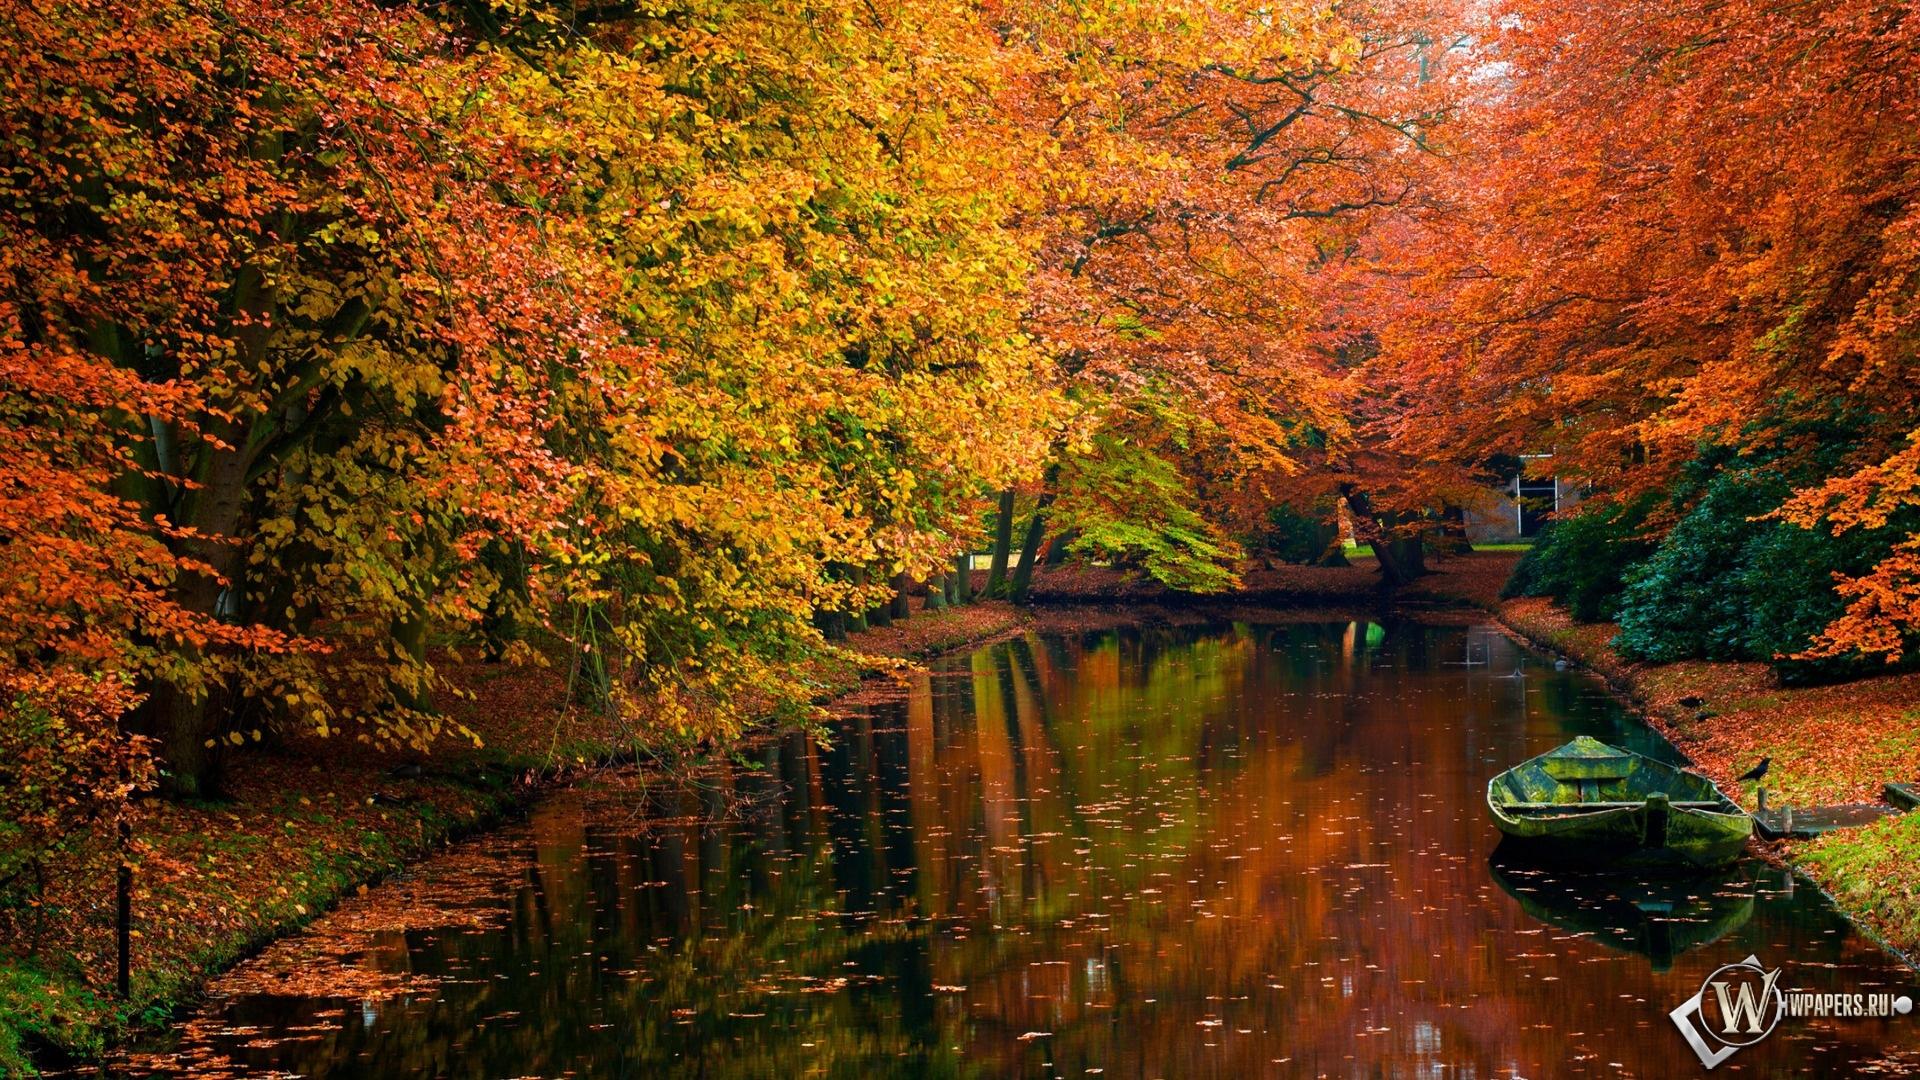 Осенний пруд 1920x1080